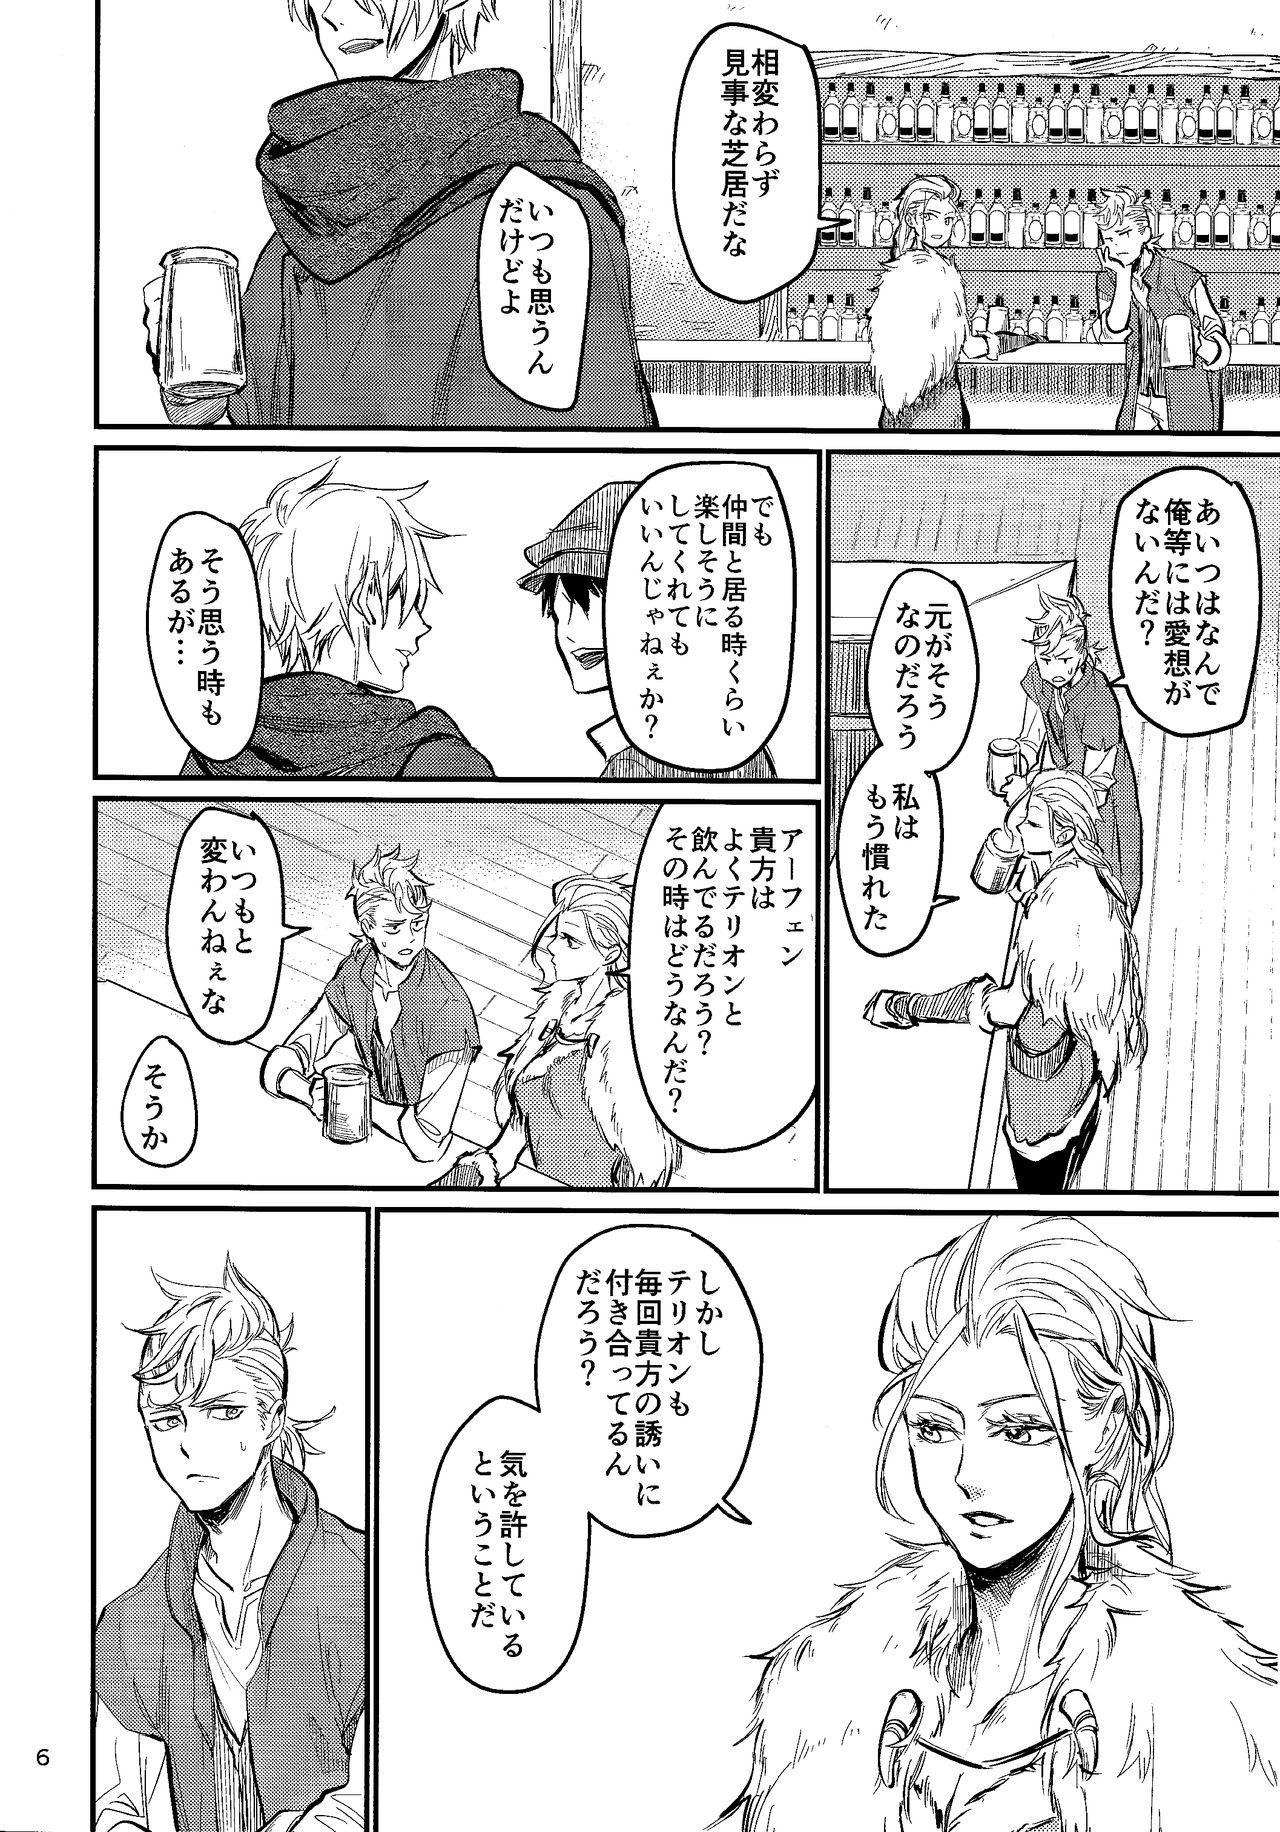 Shoujiki-sha wa ai o miru 3